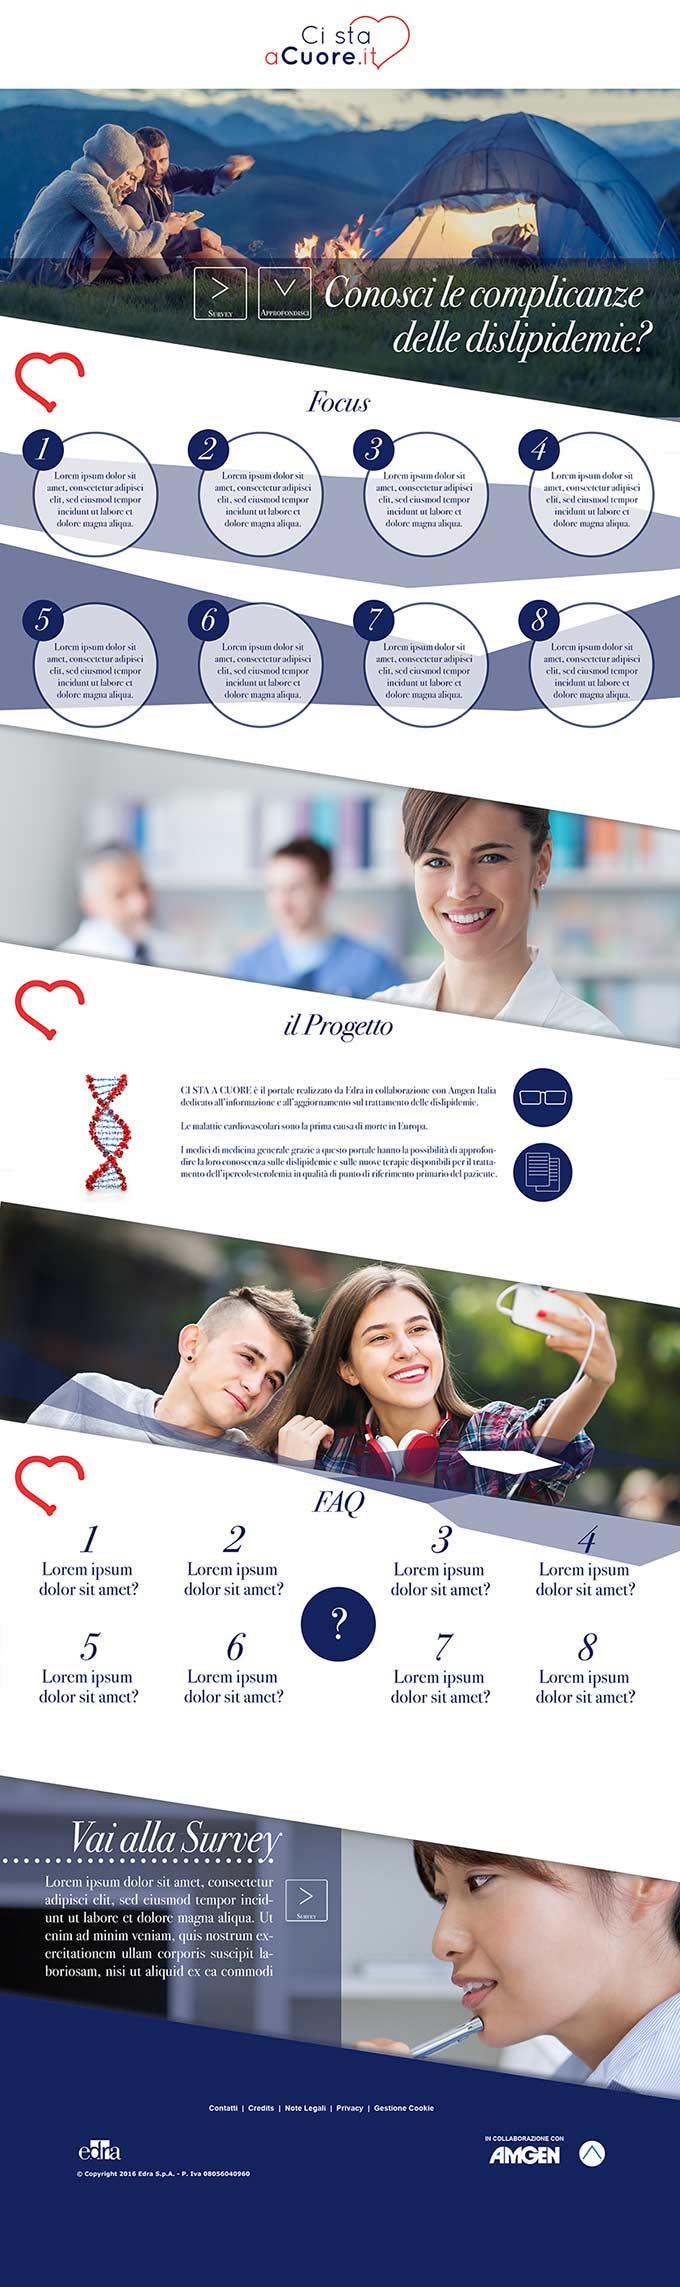 CiStaAcuore - design franzRoom.net